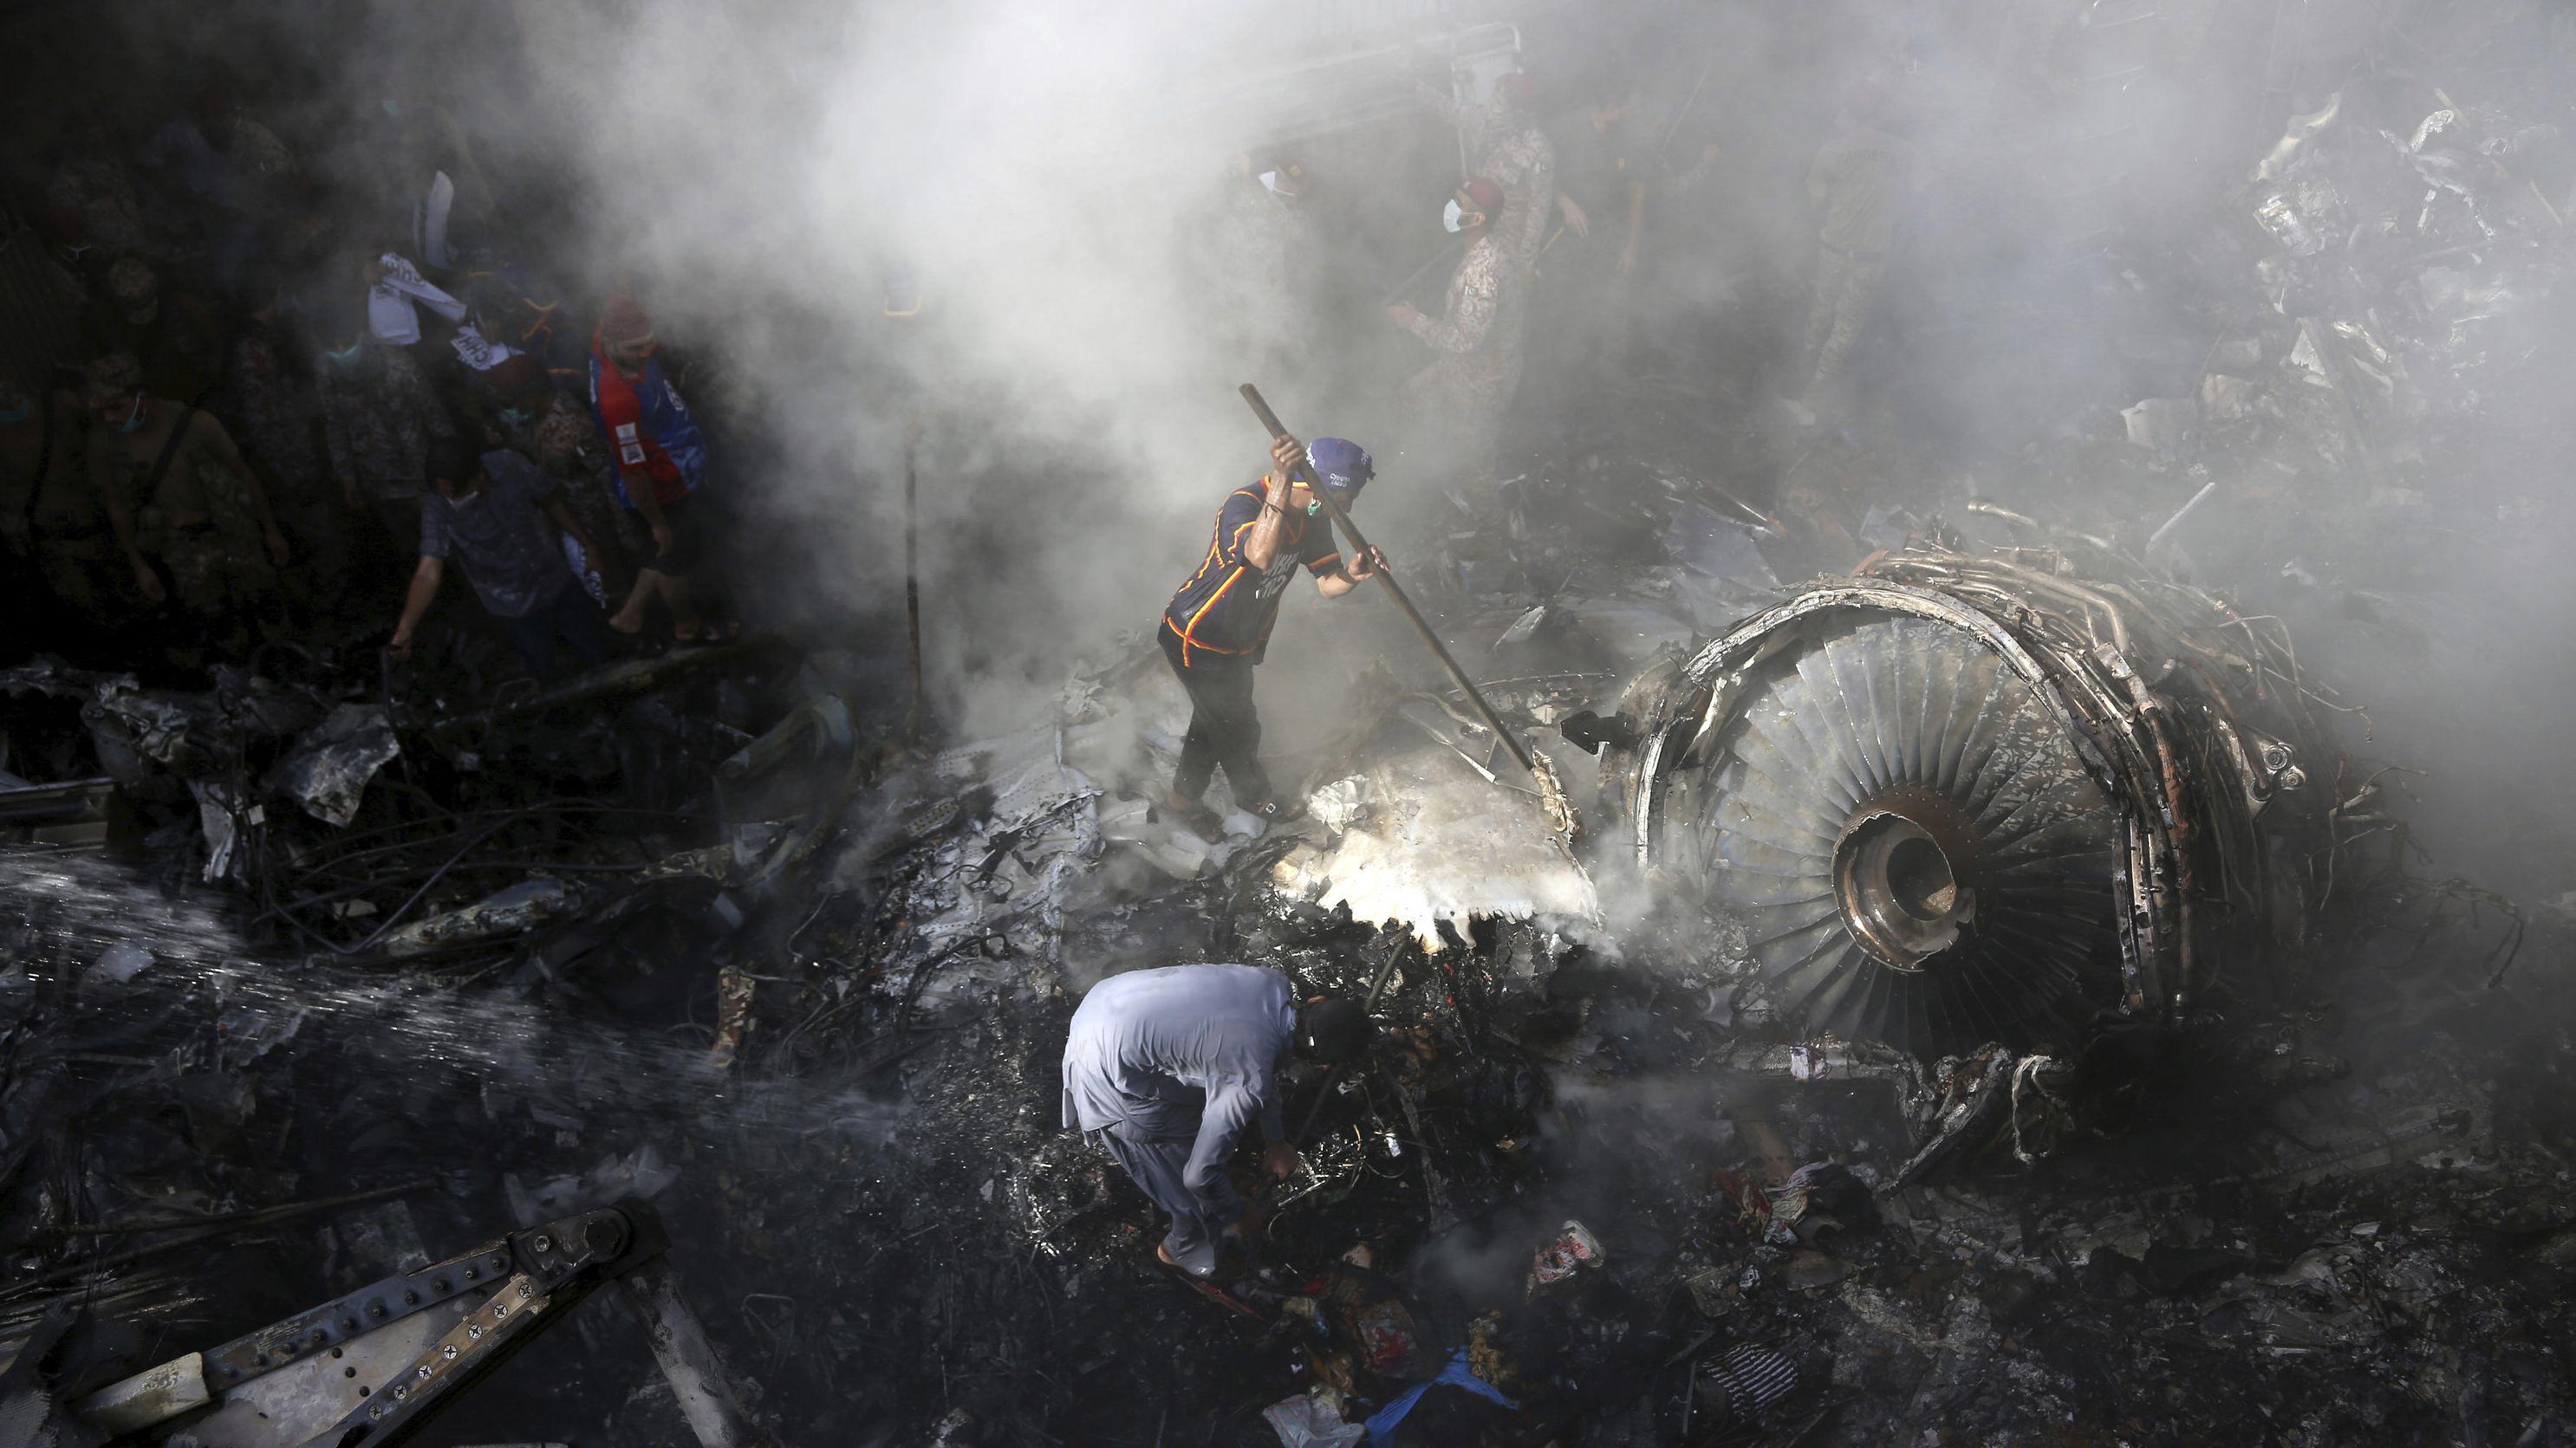 Ein Mann mit einer Schaufel sucht gemeinsam mit anderen nach Menschen neben einer Turbine.